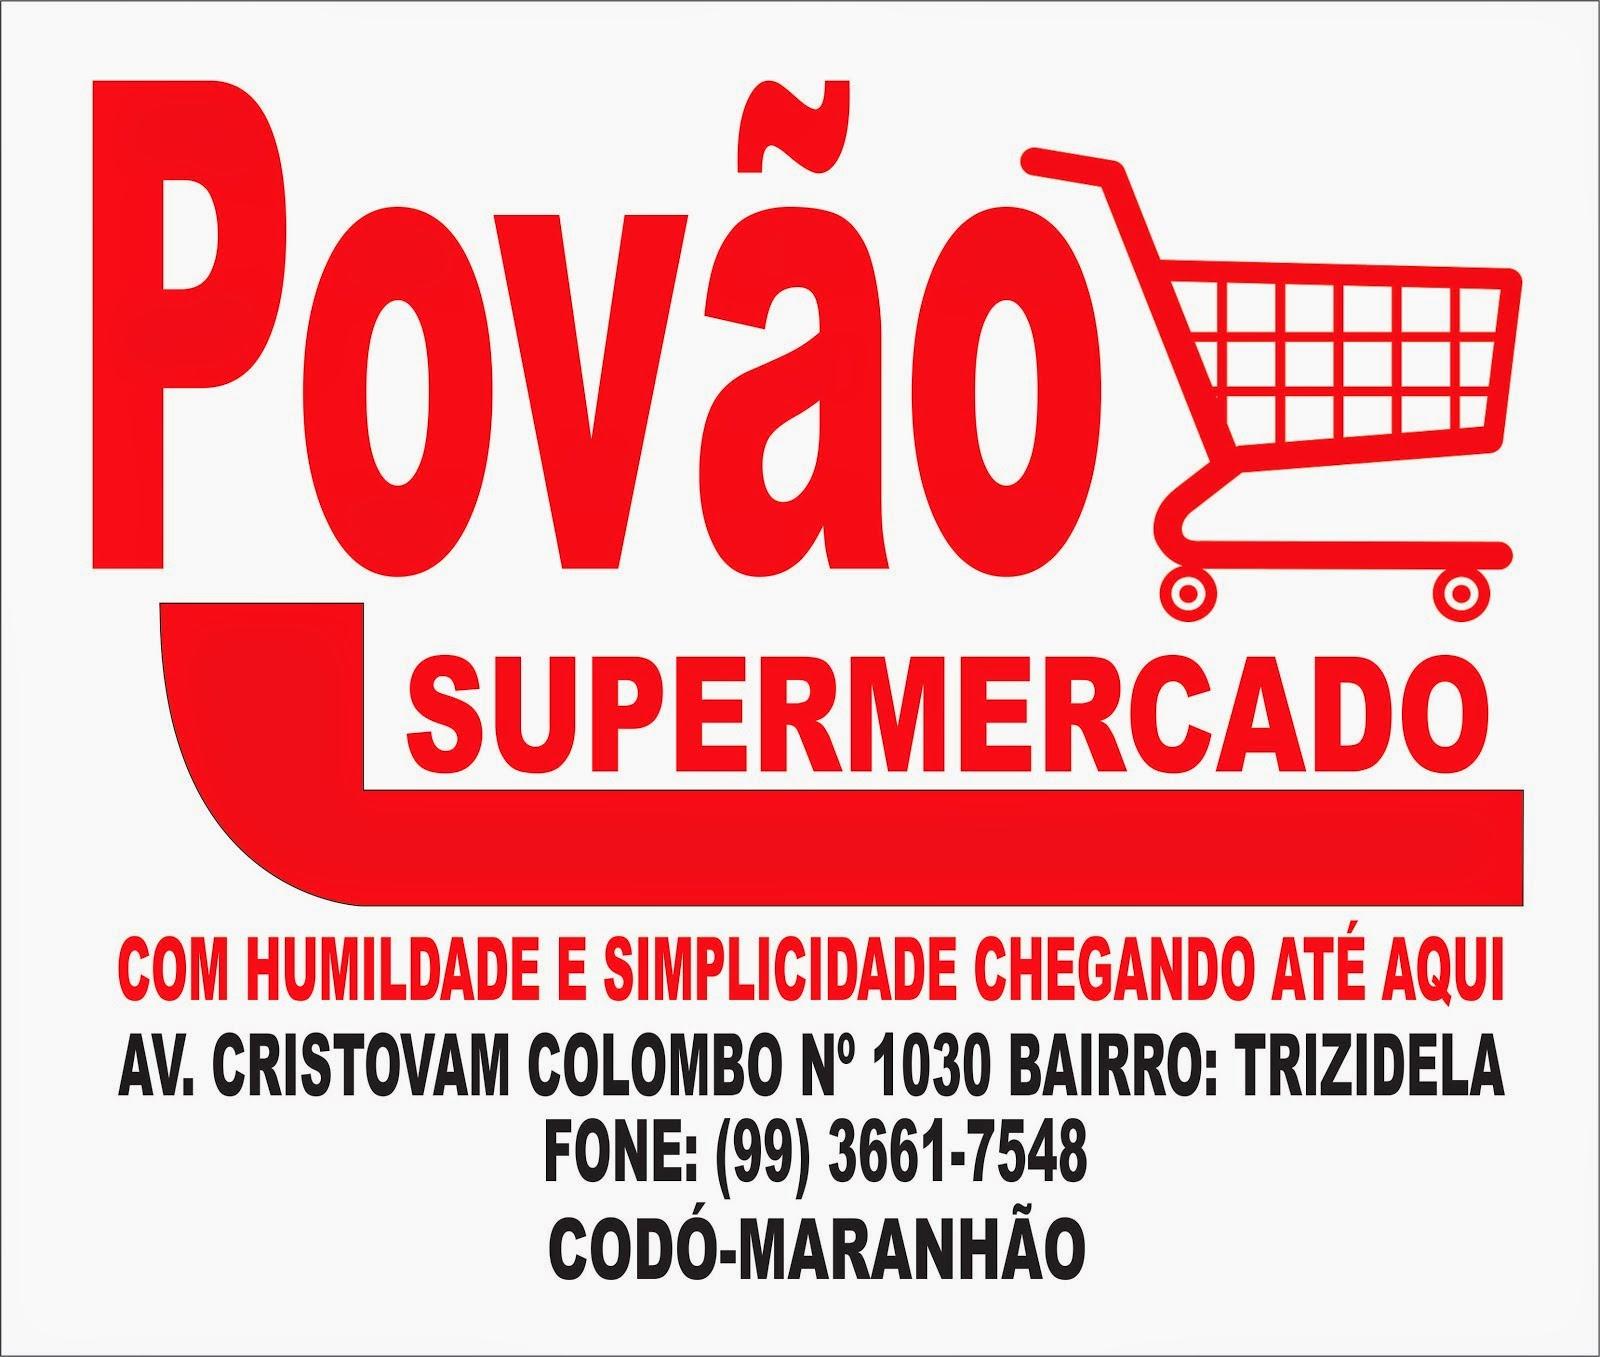 POVÃO SUPERMERCADO